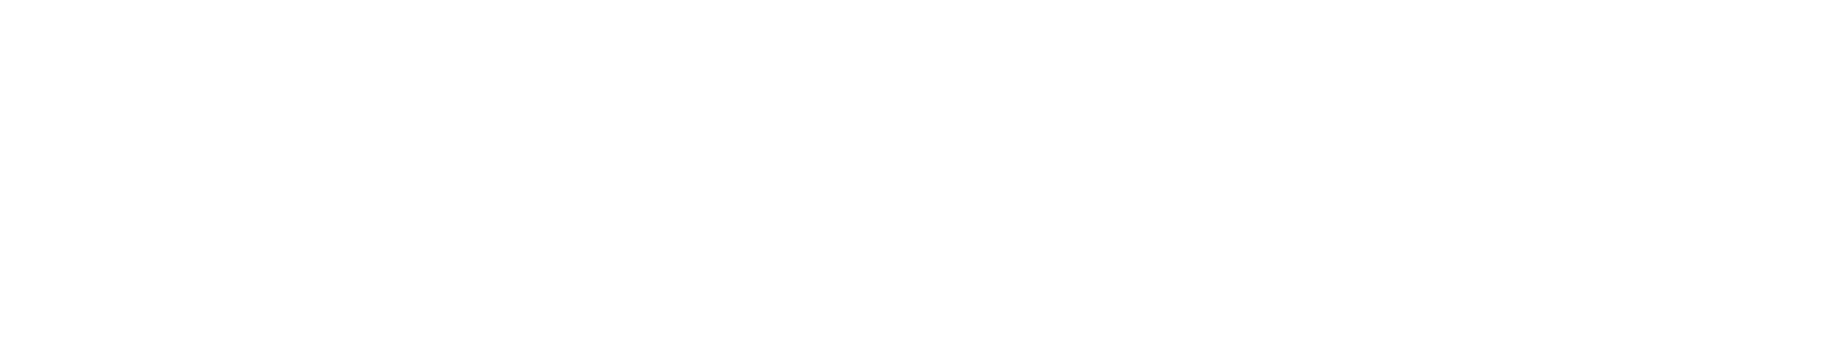 Emory University Campus Life Logo